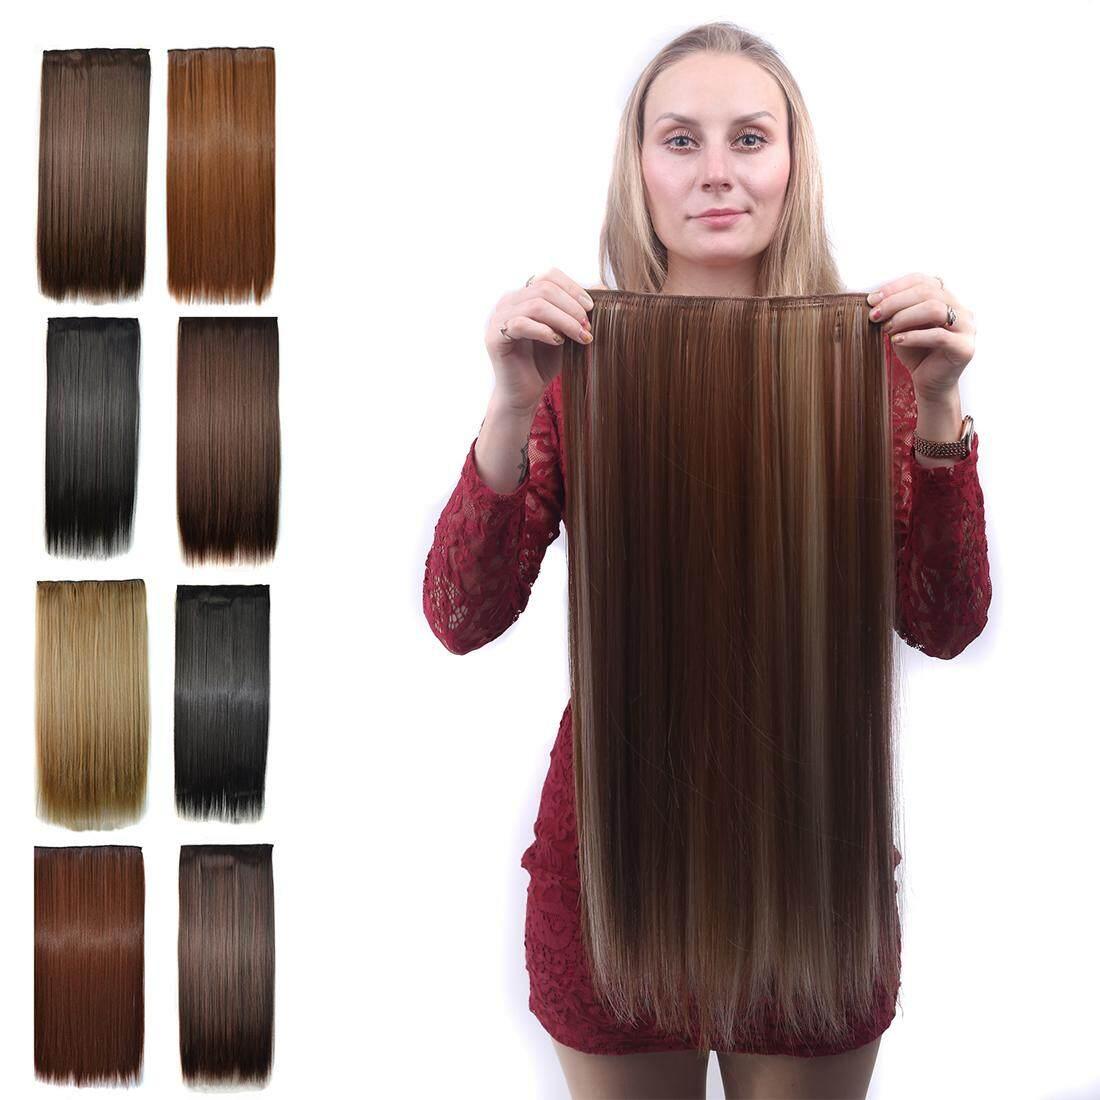 ... 60 Cm. Source · Detail Gambar Eropa Panjang Wig Rambut Lurus Klip  Perempuan Ekstensi Rambut Coklat Hitam Sopak Terbaru 80b271f7fa